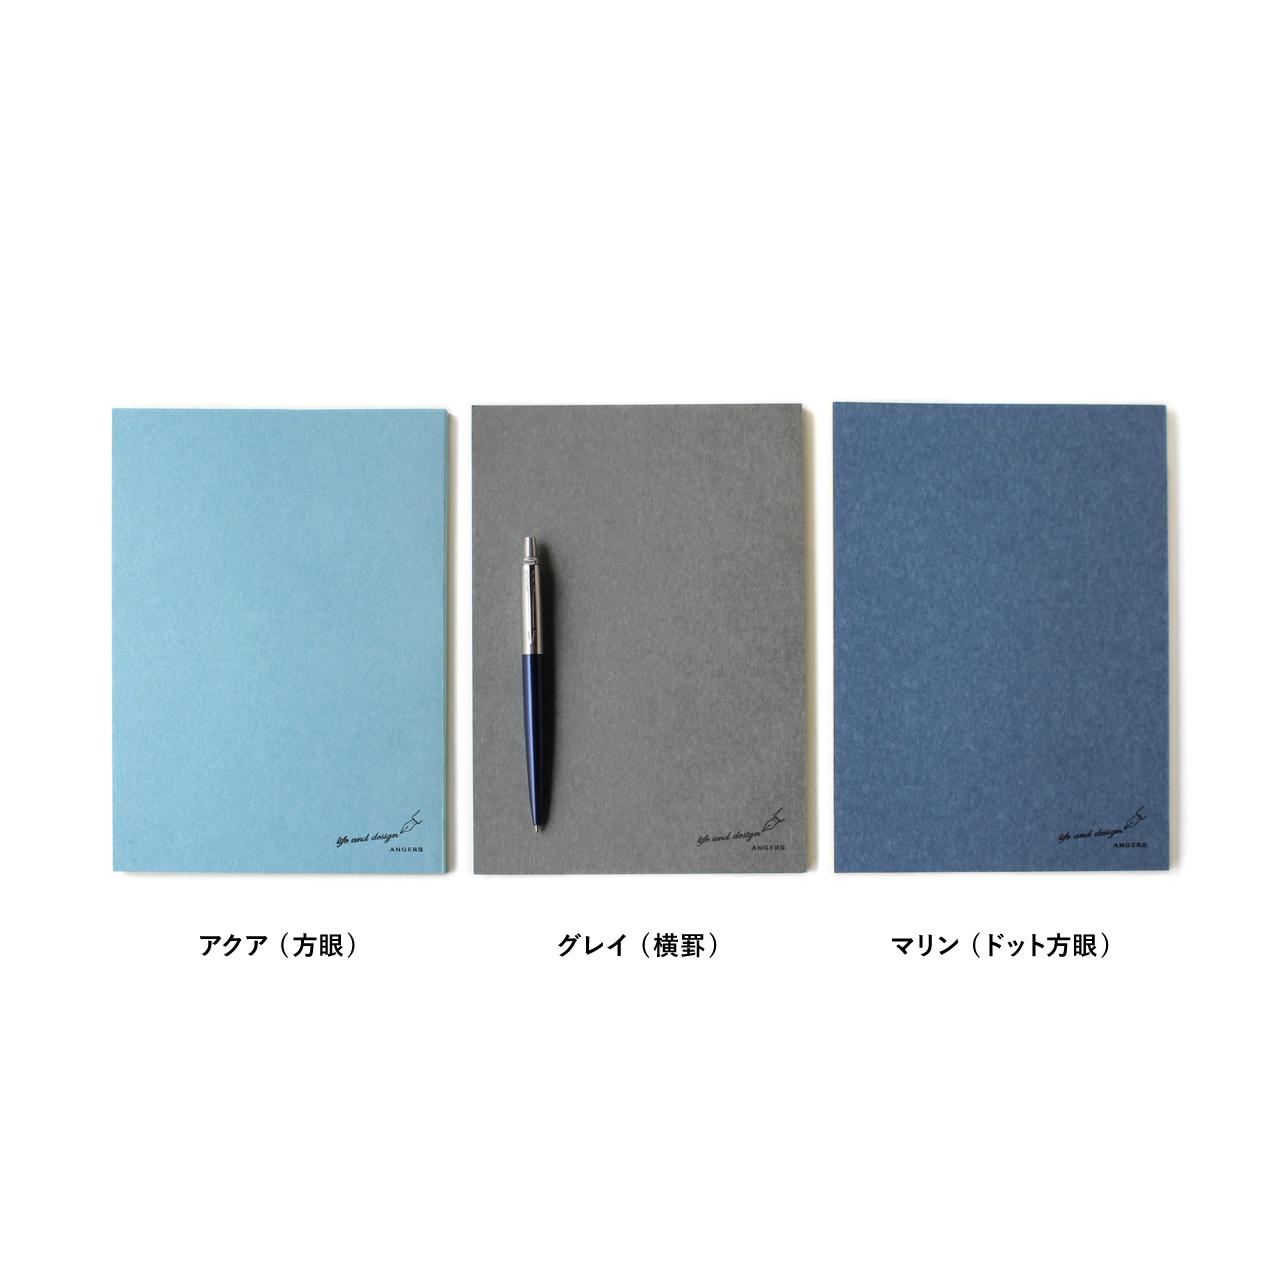 【ネコポス対応】美篶堂 Notebook A5サイズ【ANGERS Original】